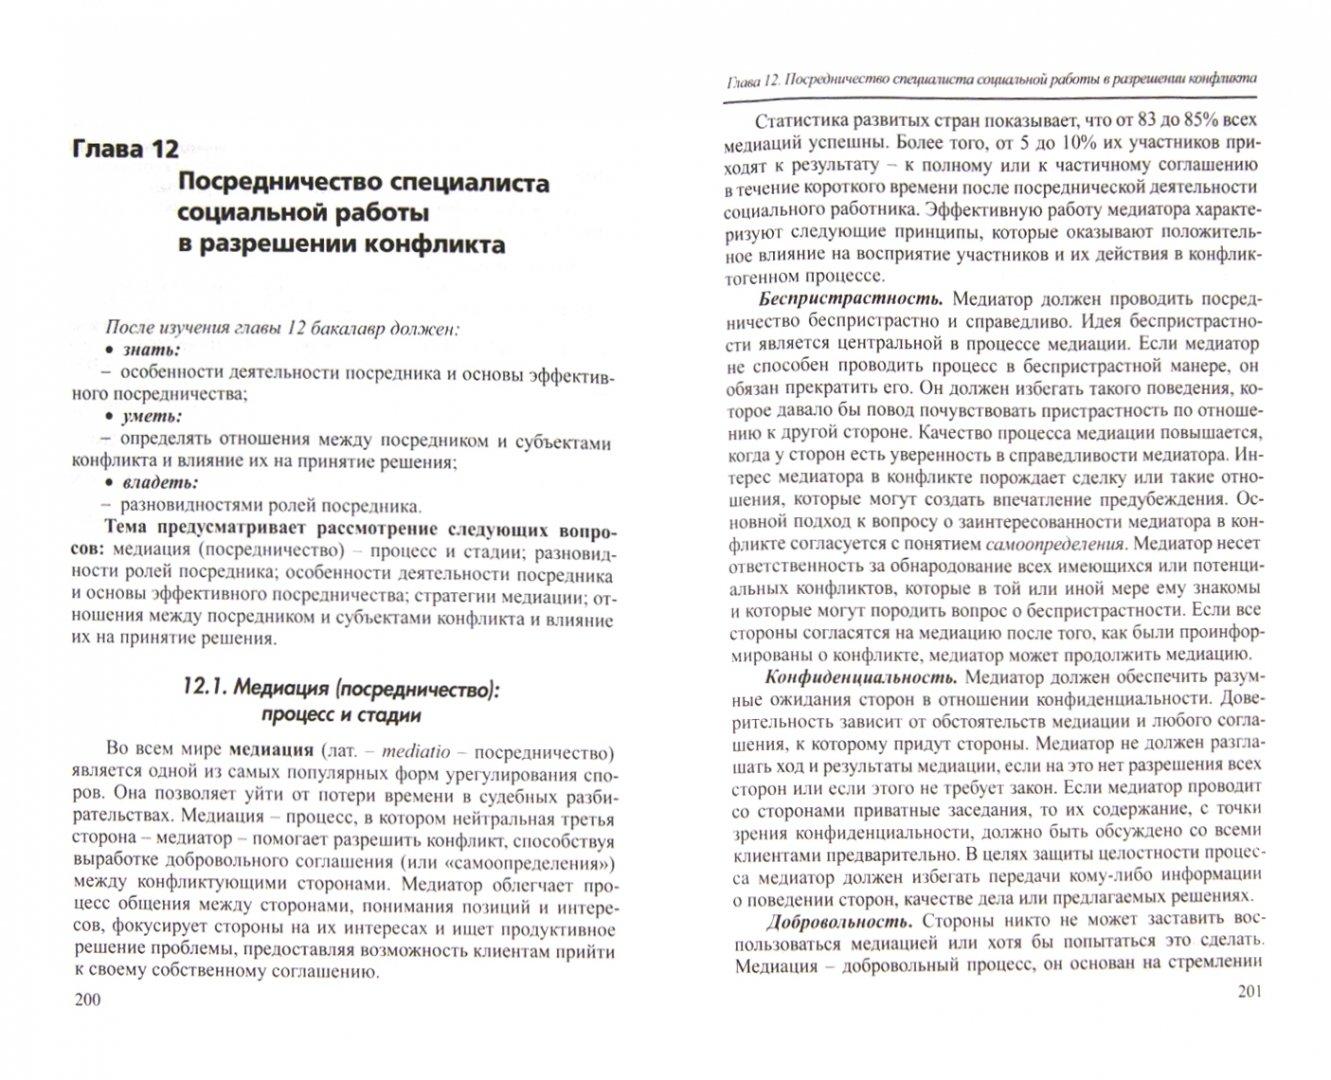 Конфликтологические модели в социальной работе malika askarova